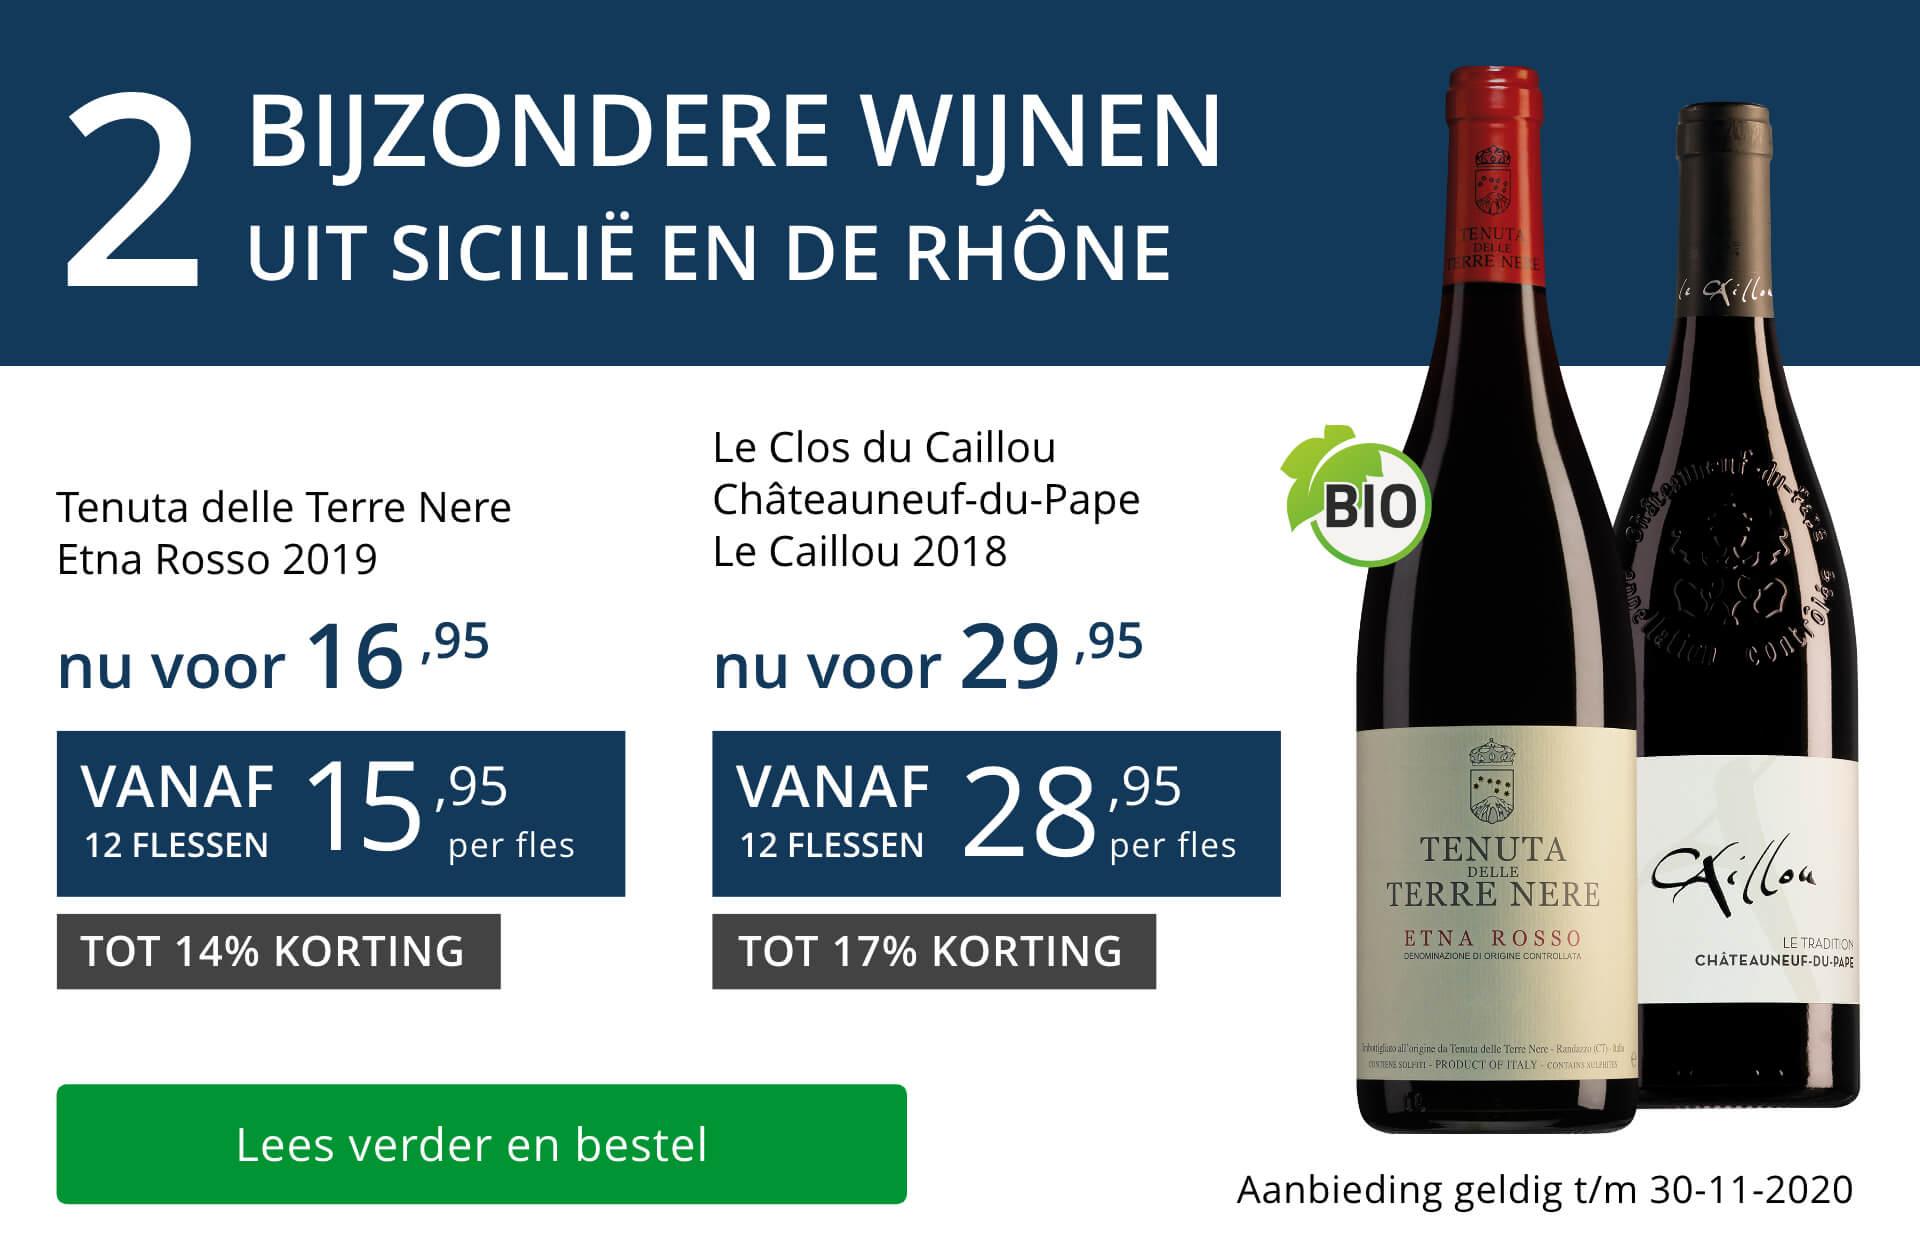 Twee bijzondere wijnen november 2020-blauw